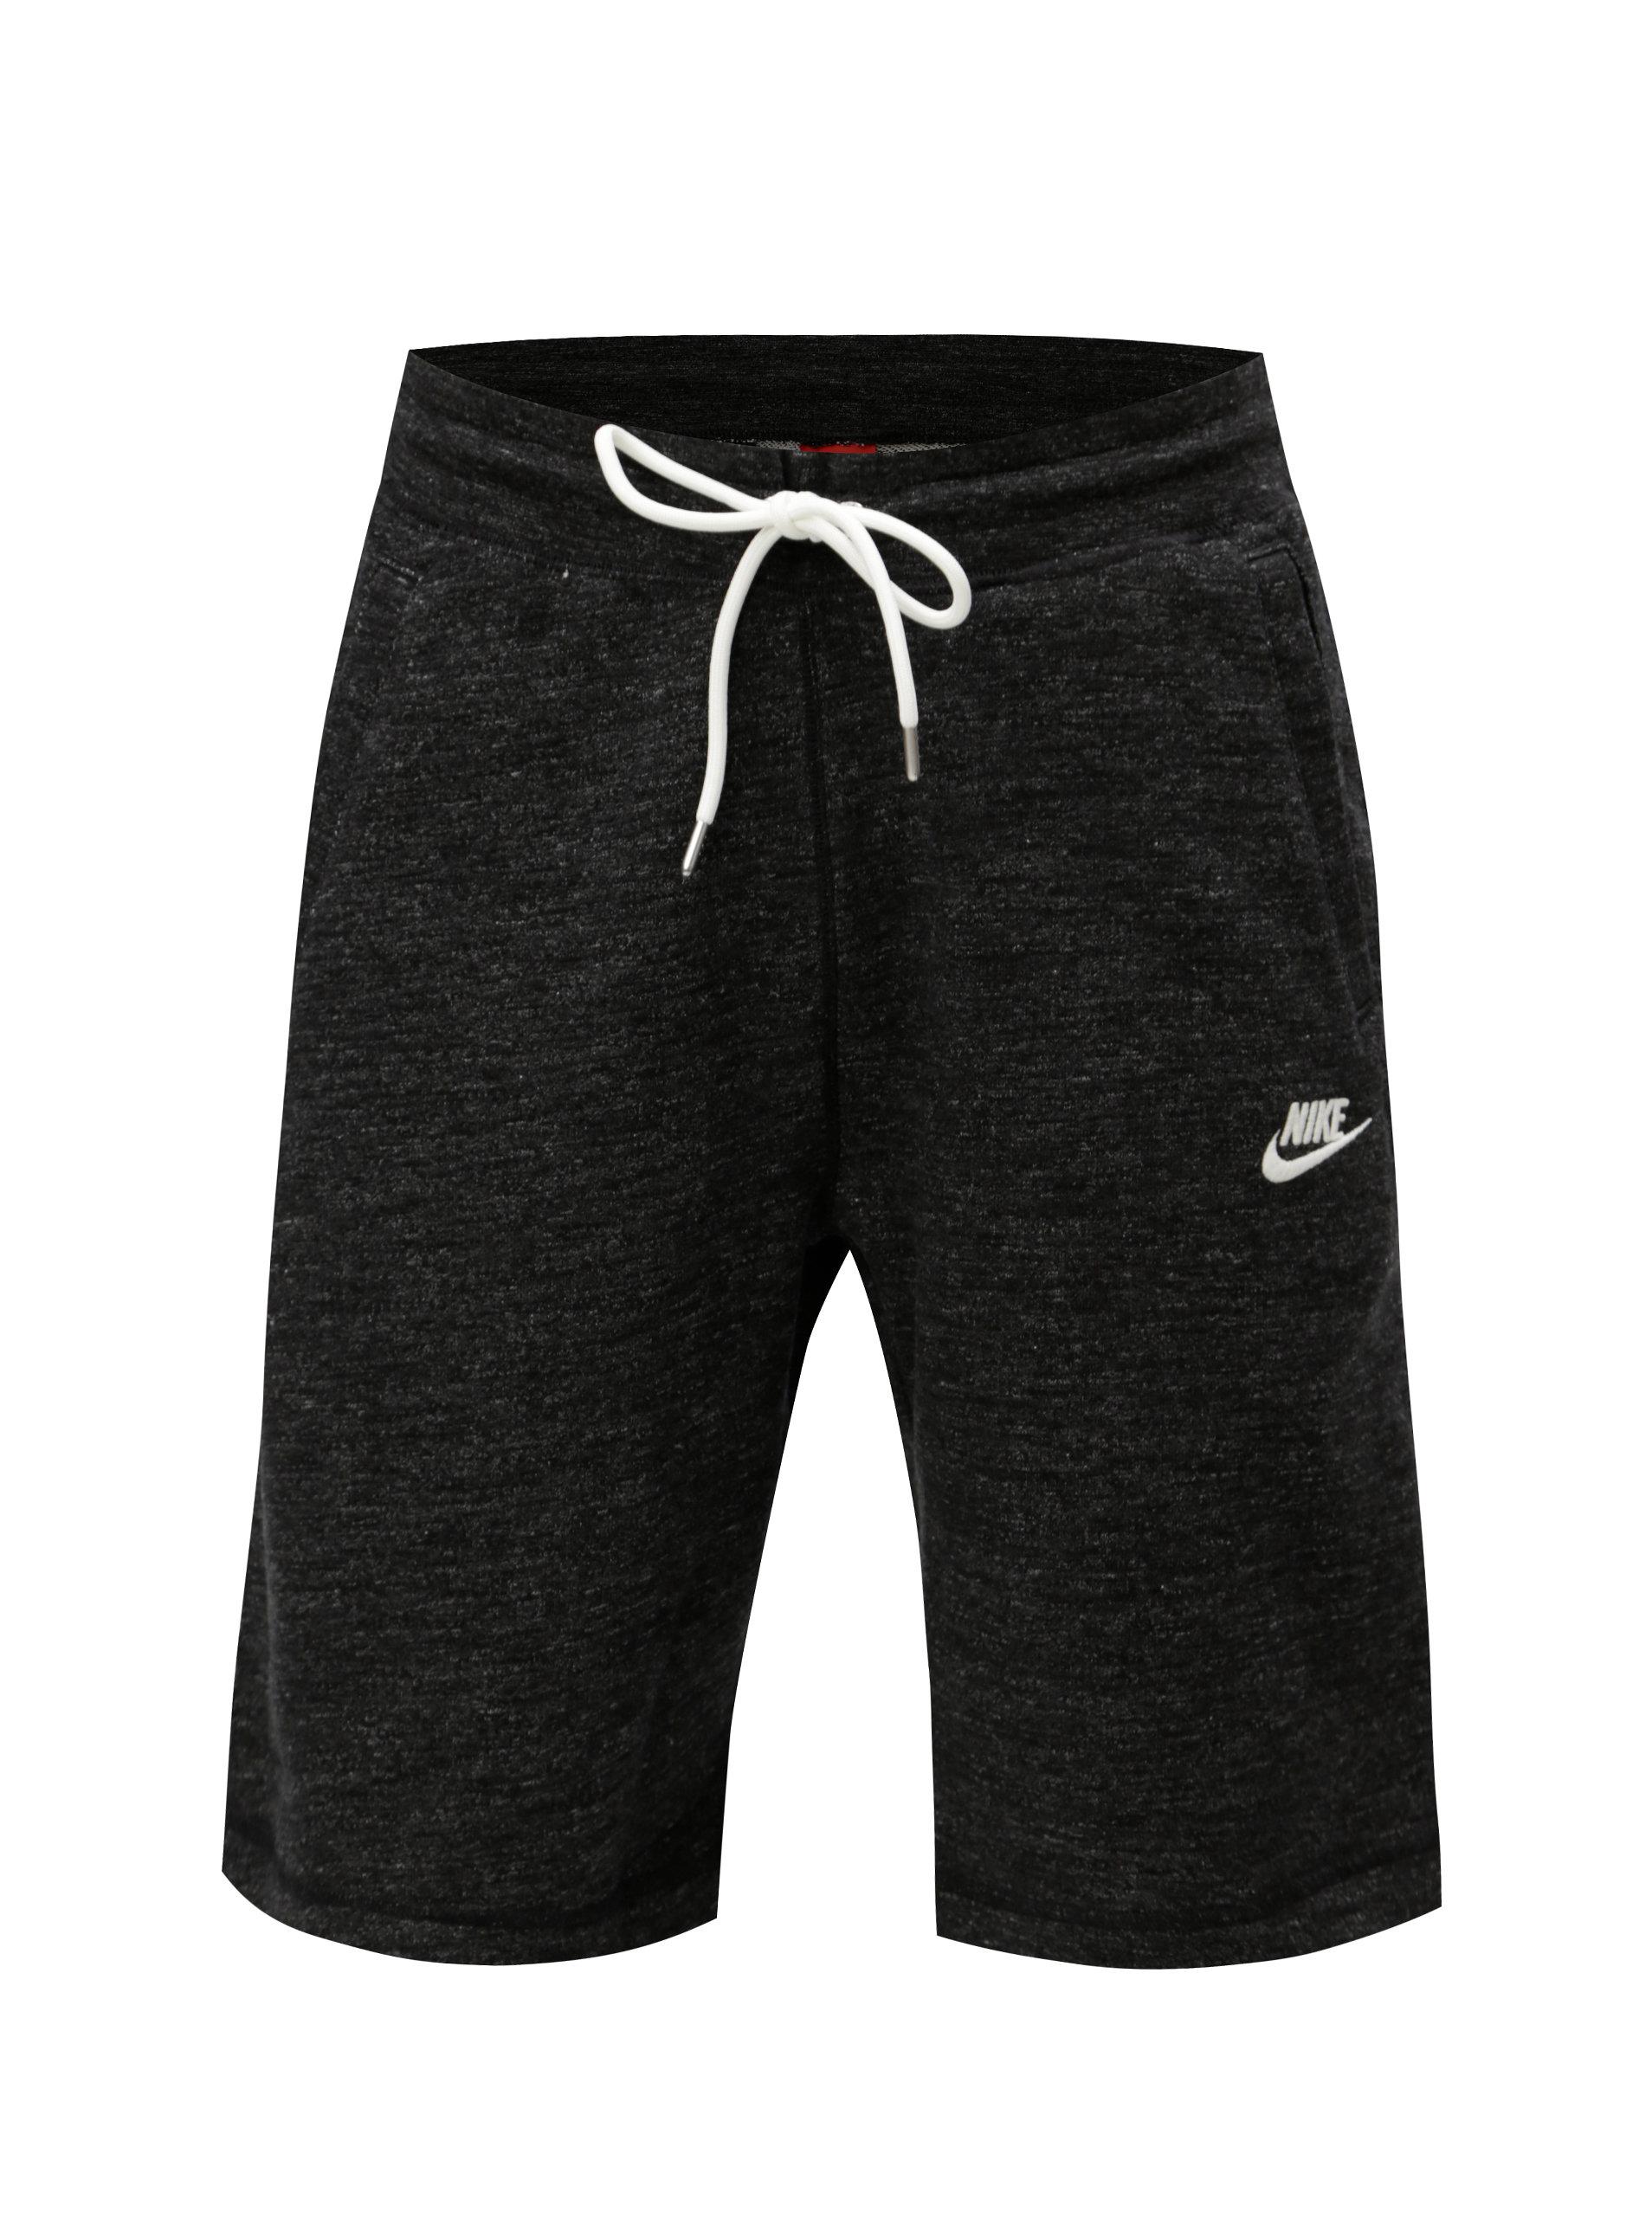 Tmavě šedé pánské žíhané teplákové kraťasy Nike ... e312ff6be2